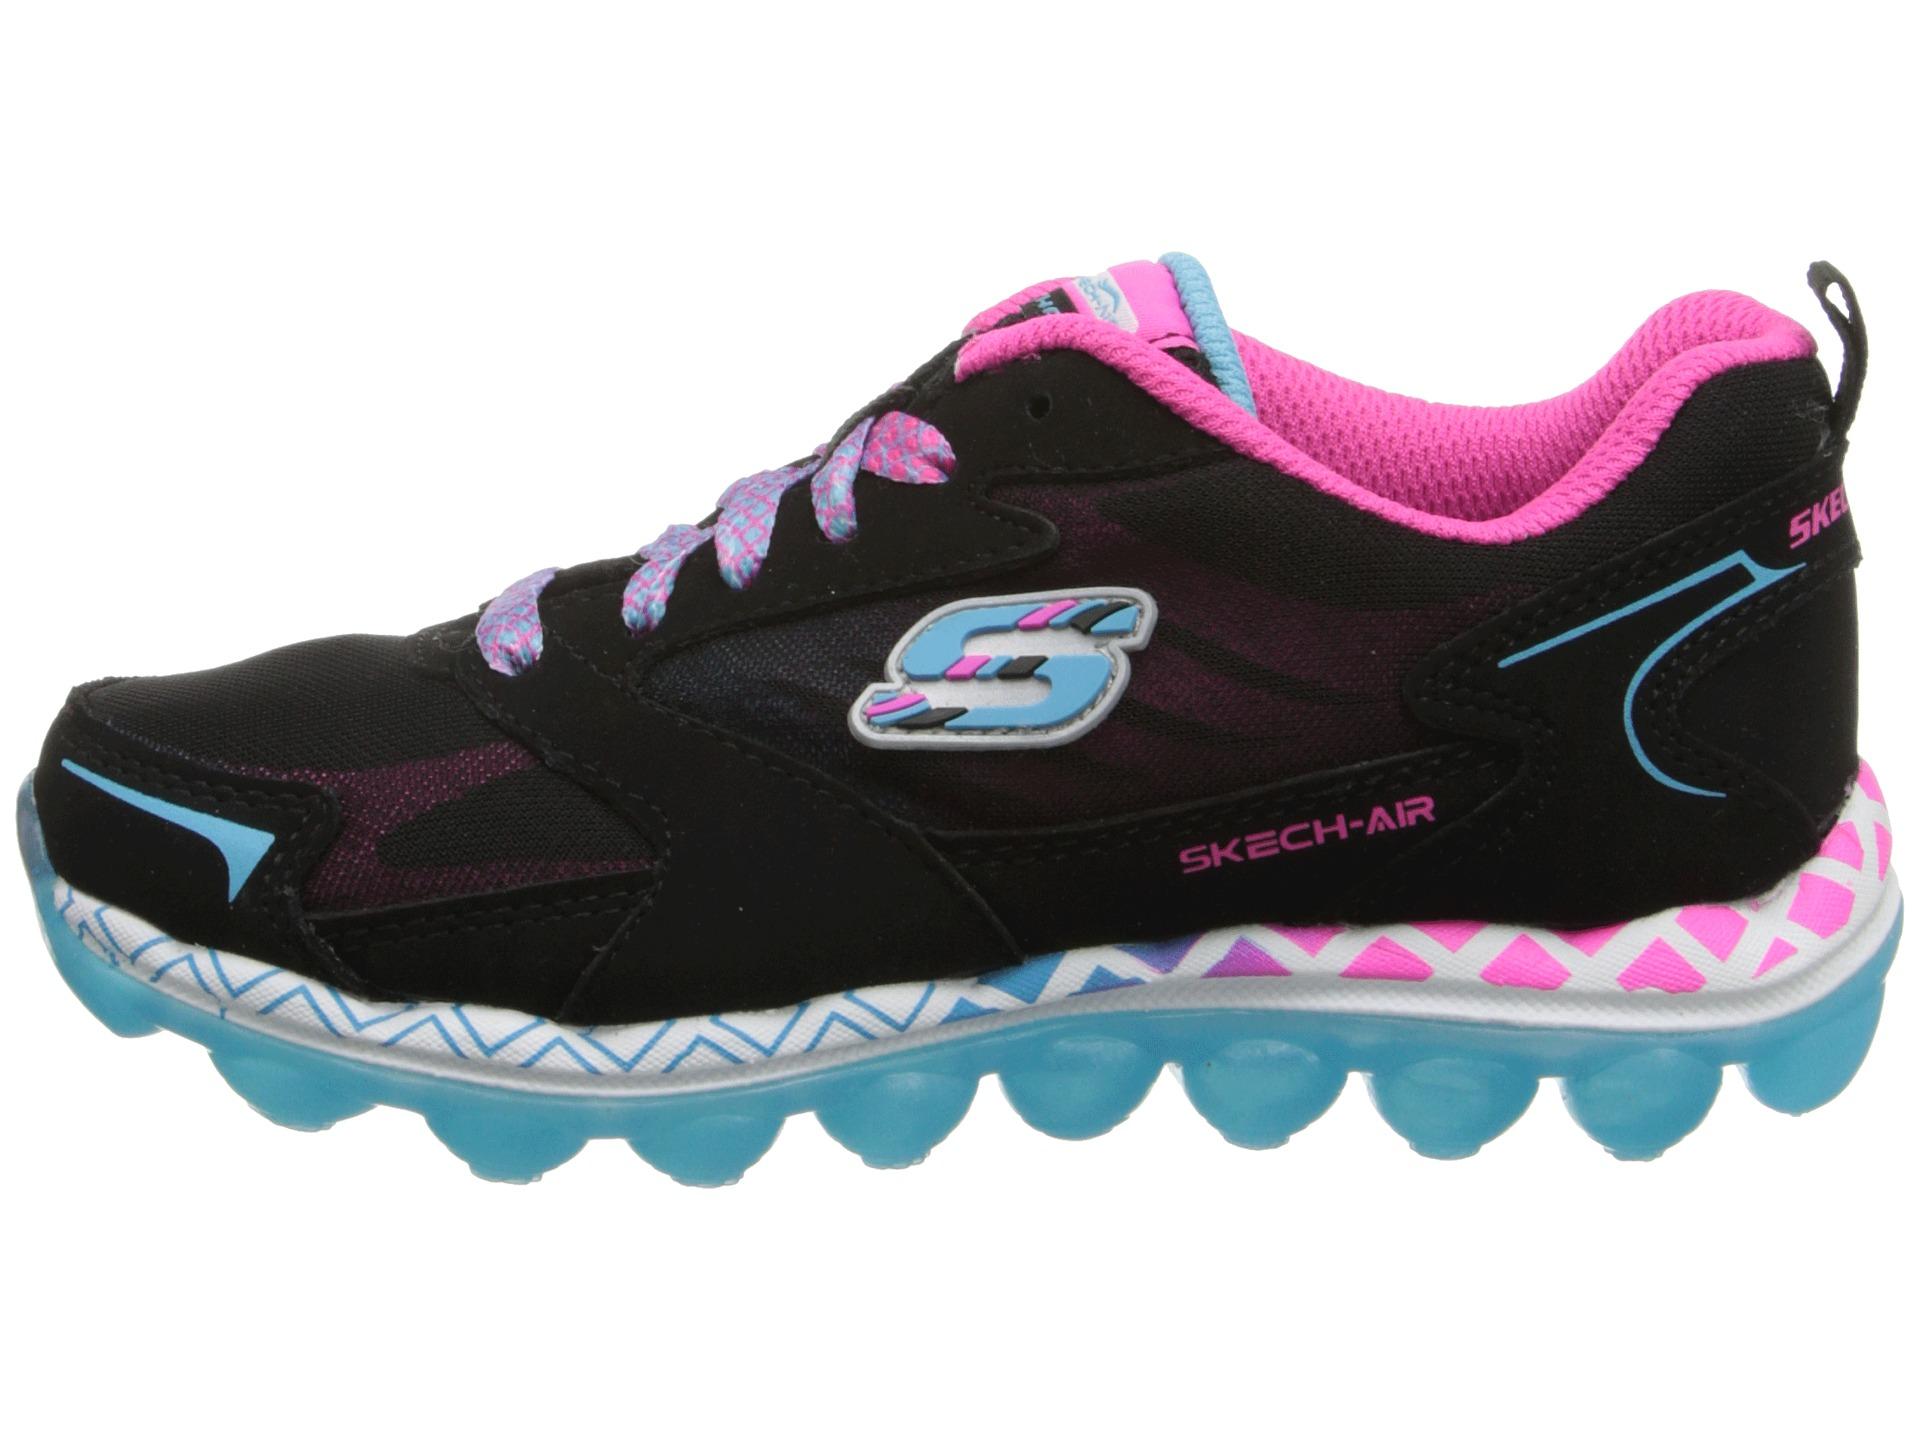 Skechers Air